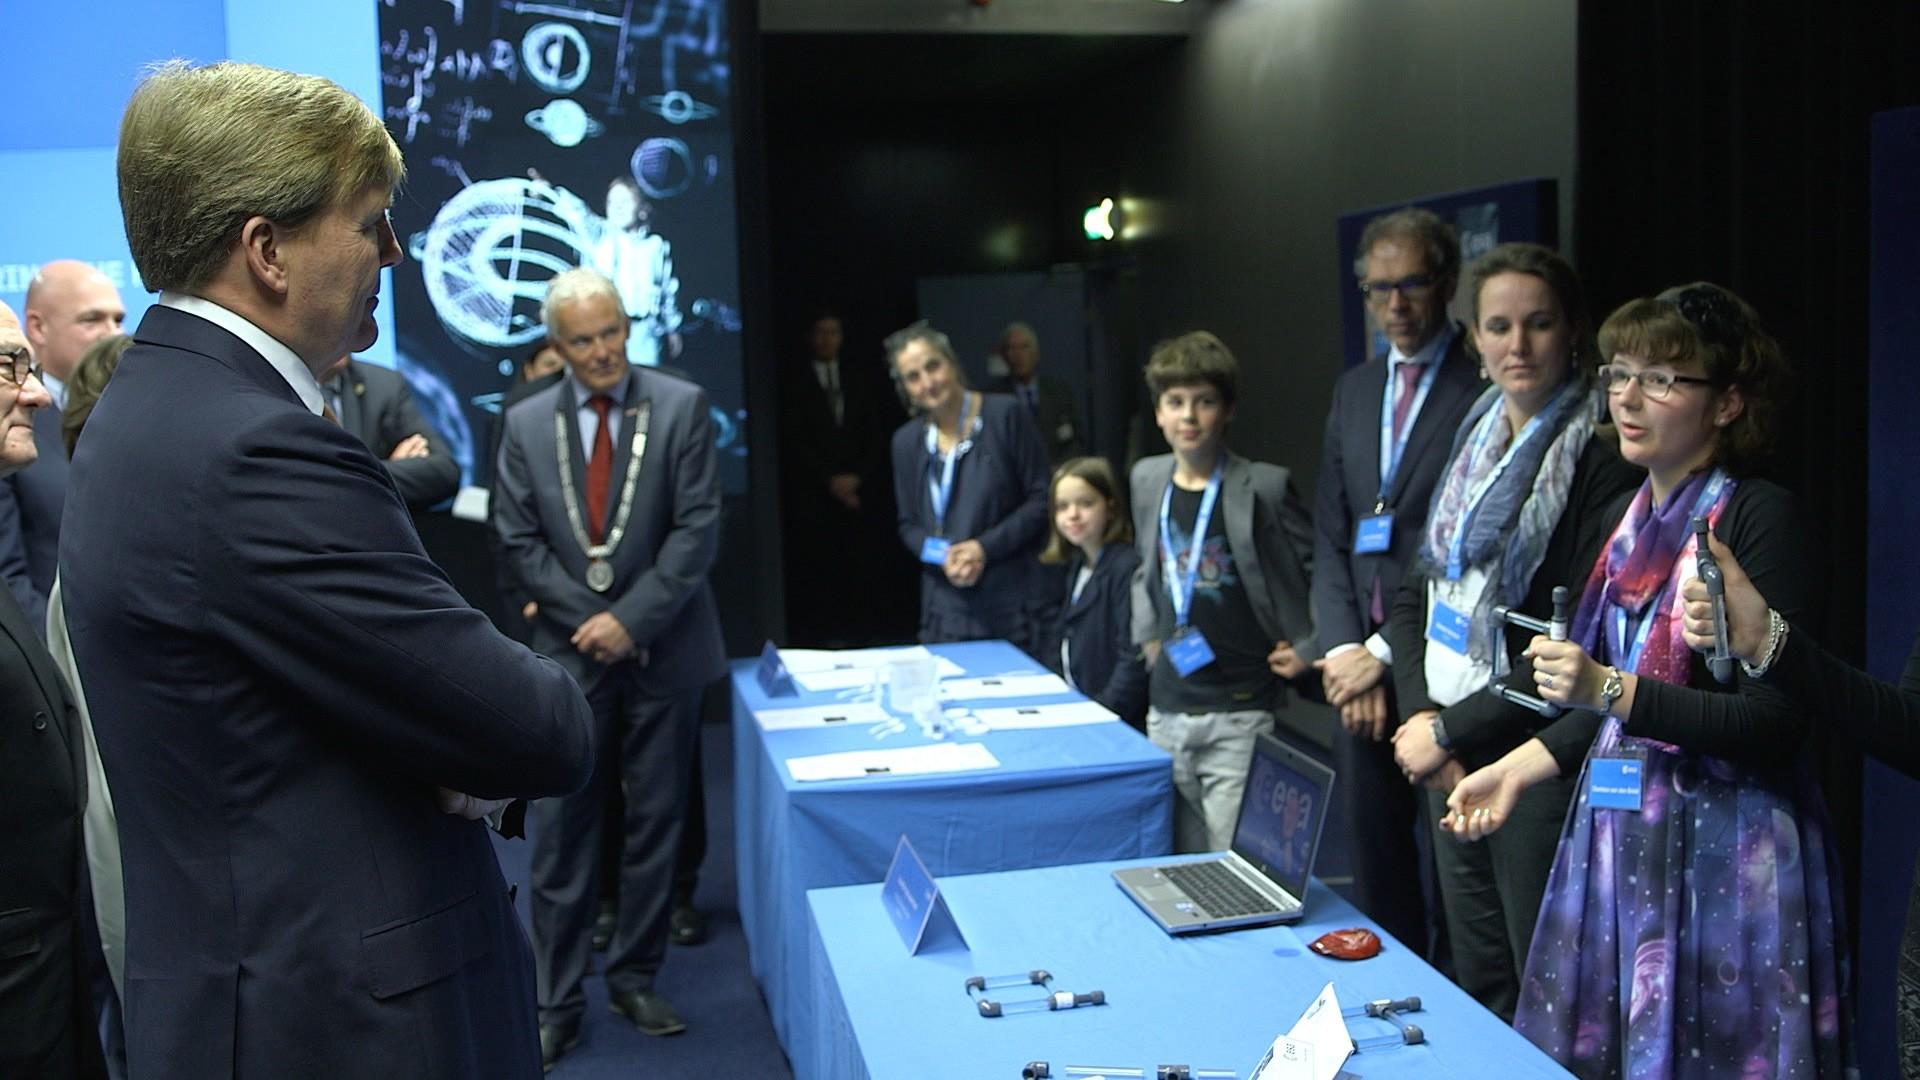 Koning bij viering 50 jaar Europese samenwerking in de ruimte